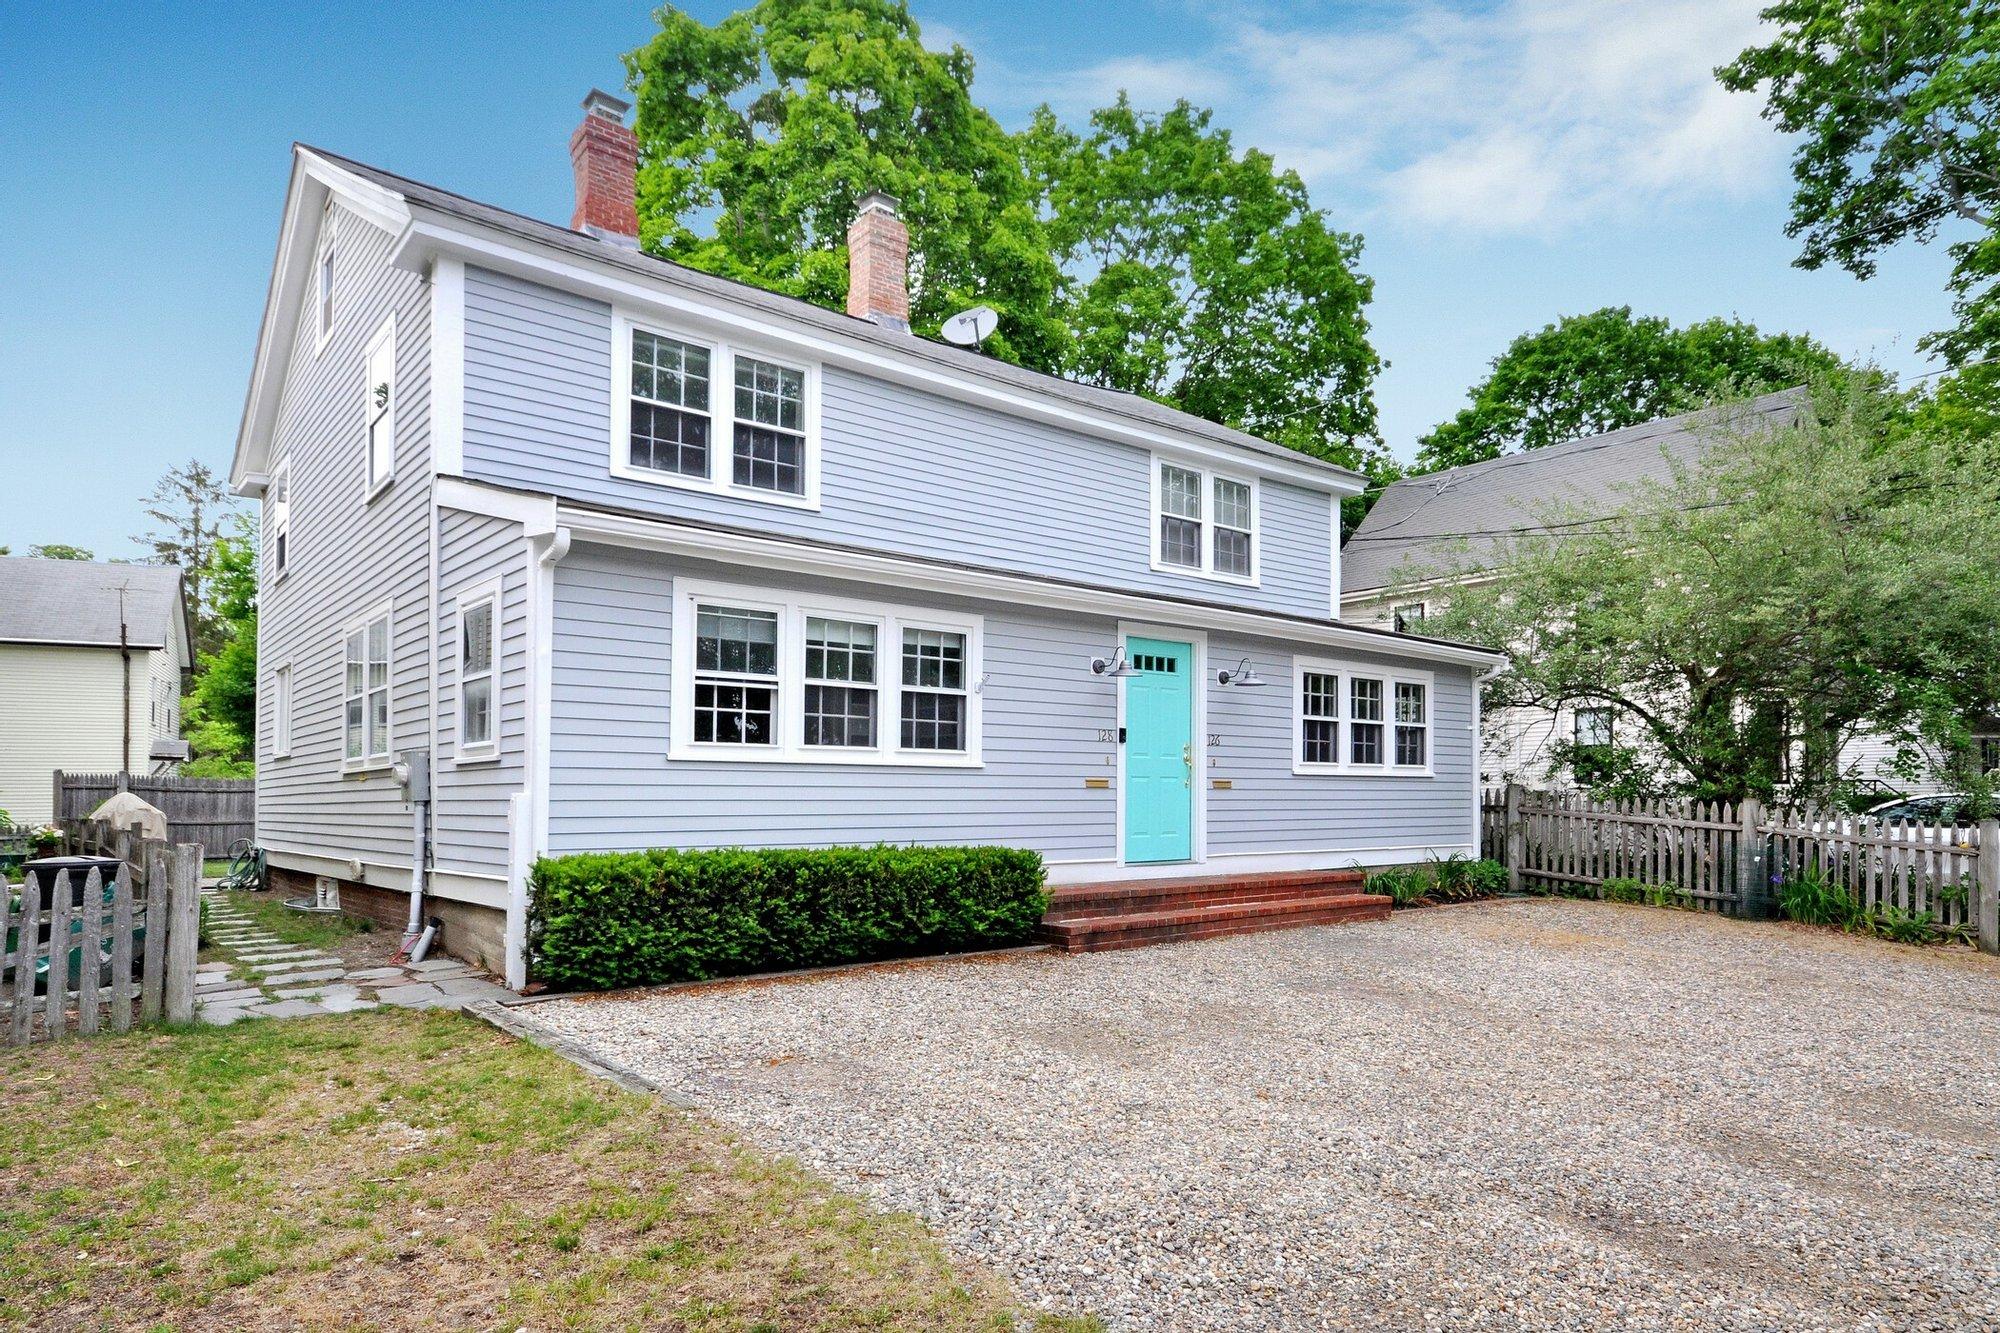 Condo in Concord, Massachusetts, United States 1